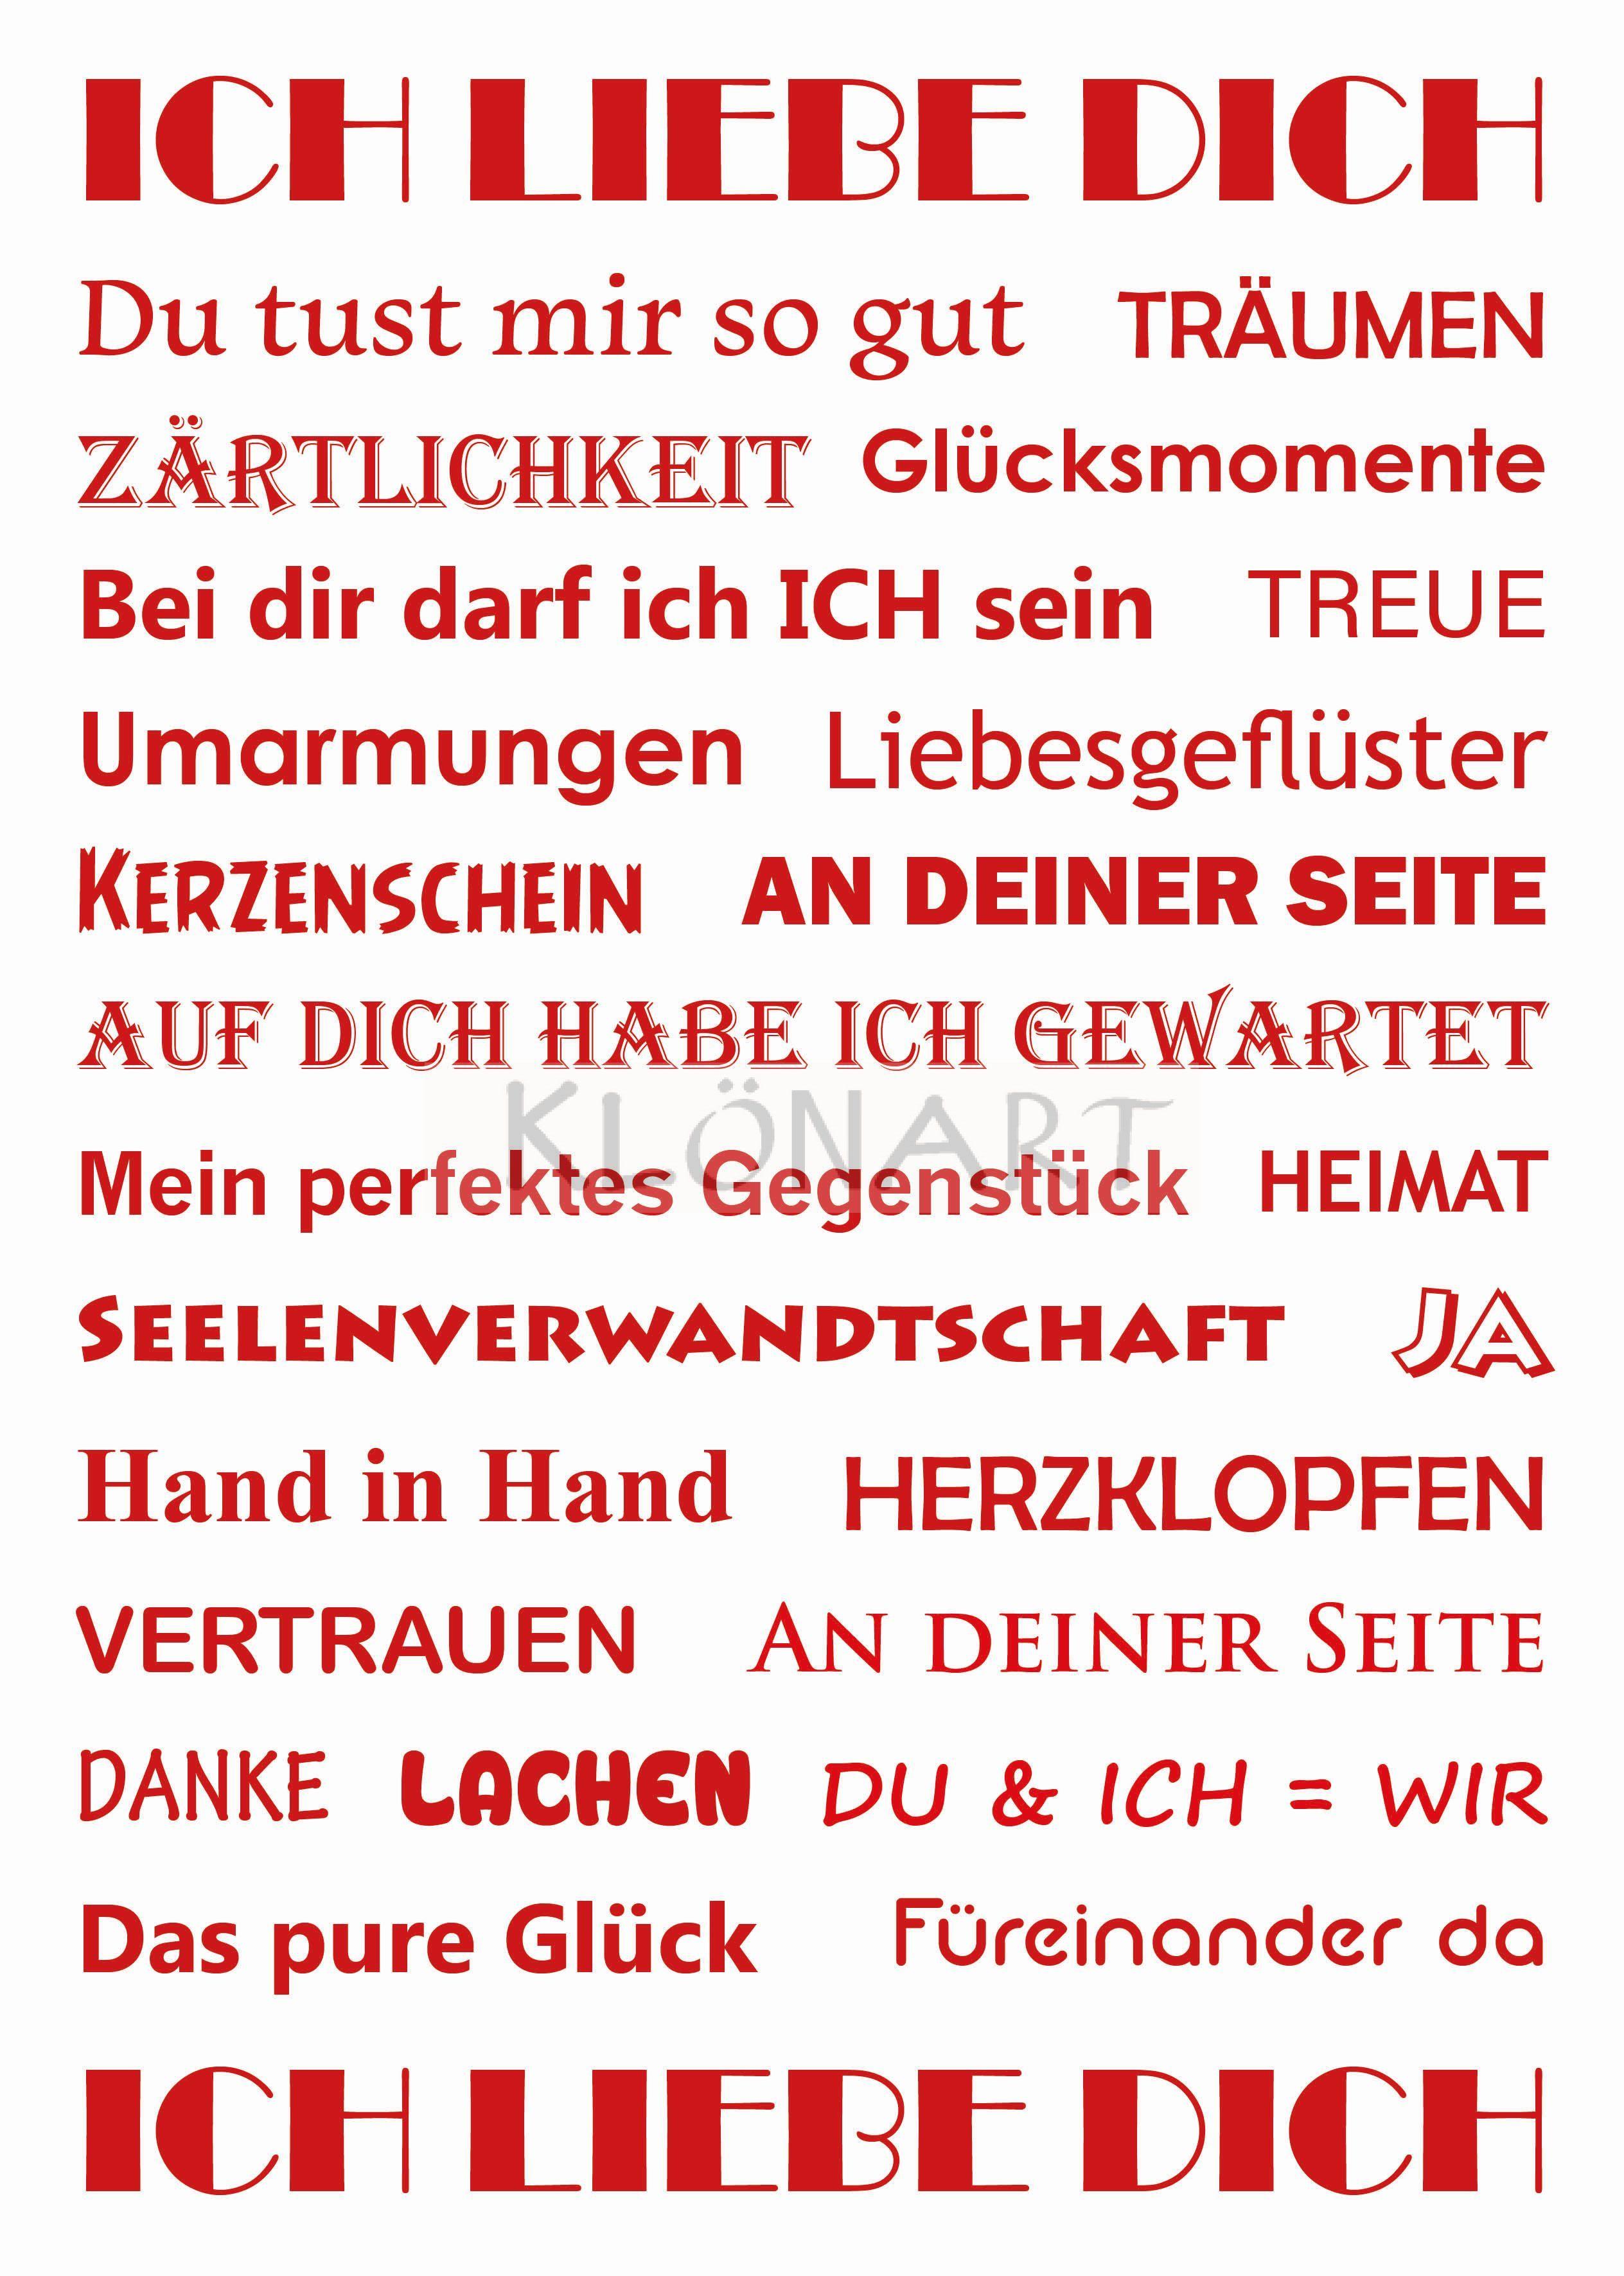 KLÖNART - Kartenkunst und mehr  Postkarte  Buchstaben + Worte  ICH LIEBE DICH  kontakt@kloenart.de www.facebook.com/kloenart